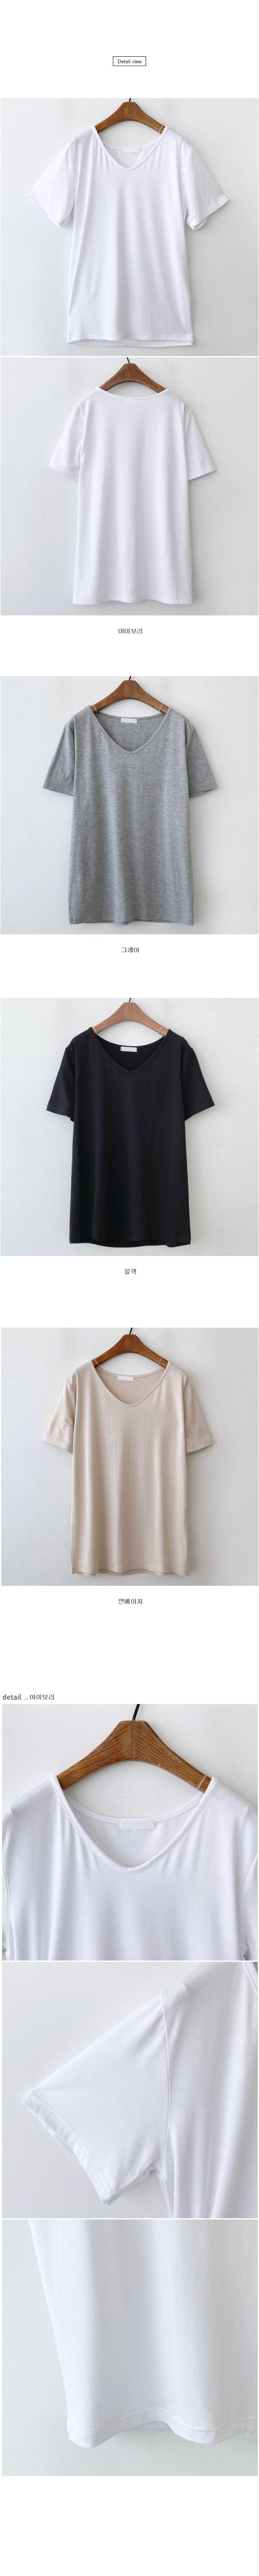 Nuts V Neck Short Sleeve T-shirt